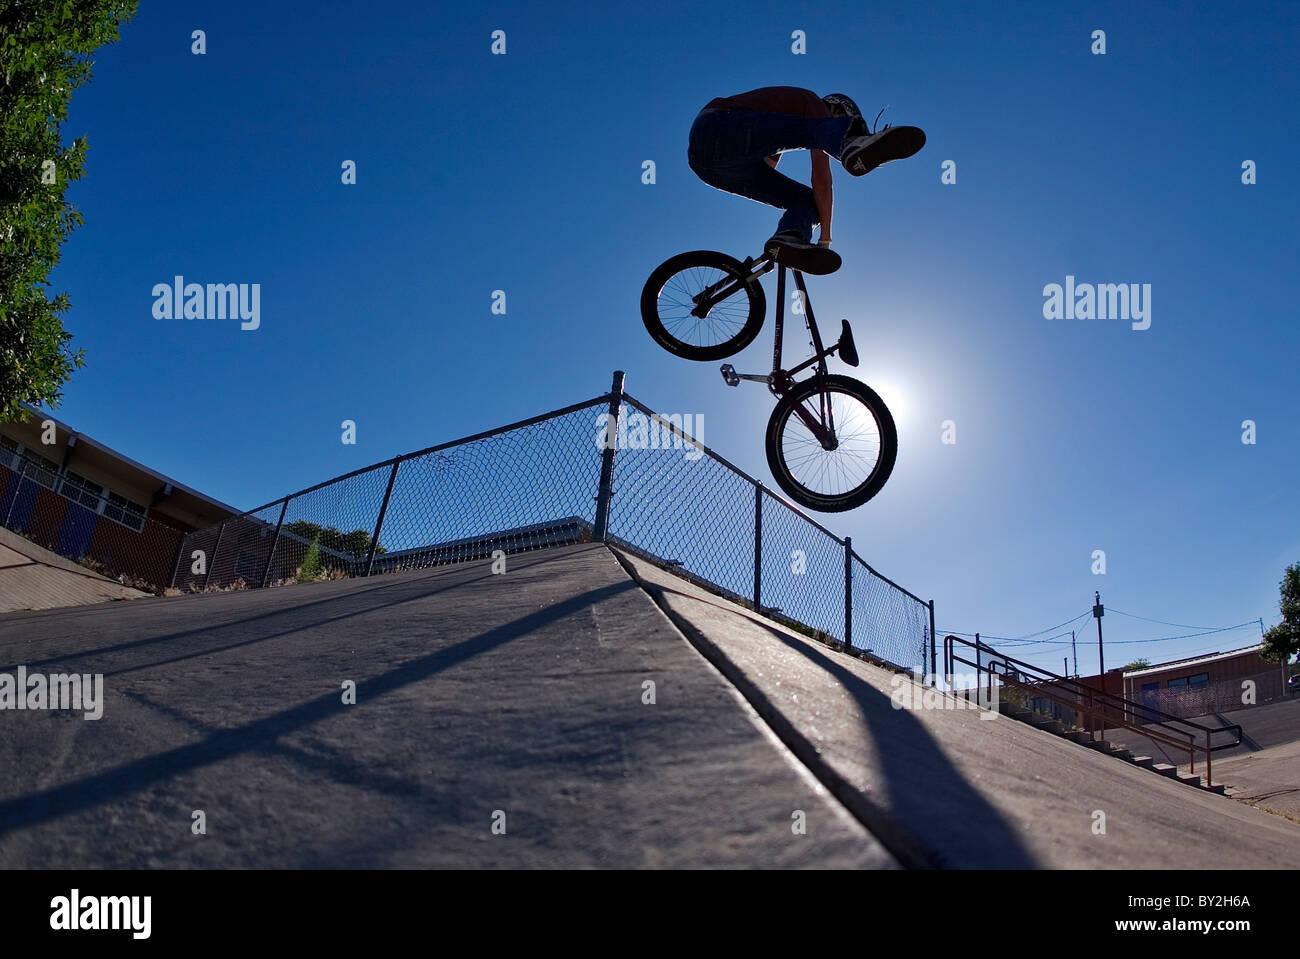 Un ciclista de montaña hace un tailwhip sobre un banco de hormigón en Albuquerque, NM. Imagen De Stock